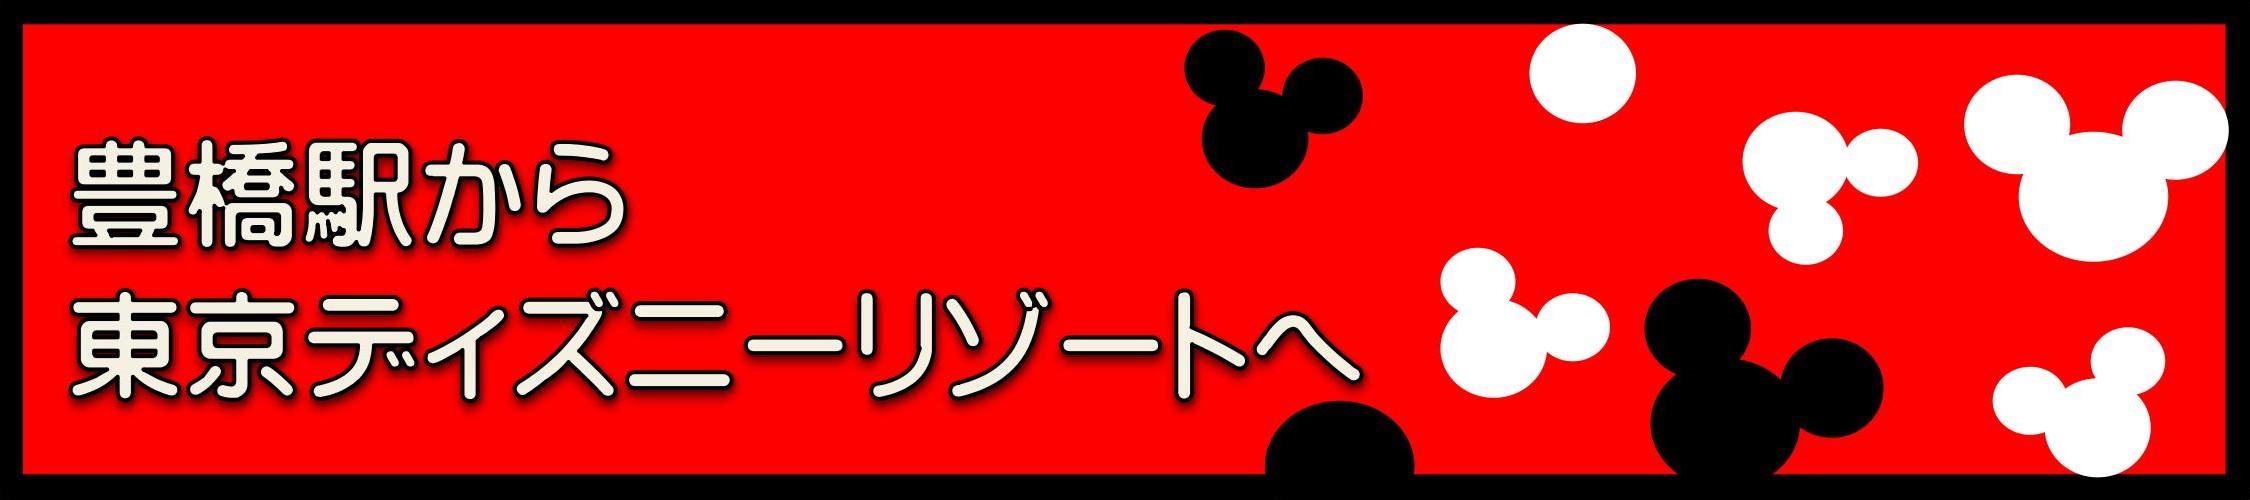 豊橋駅から東京ディズニーリゾートへ – 【豊橋の金券ショップ】フリー